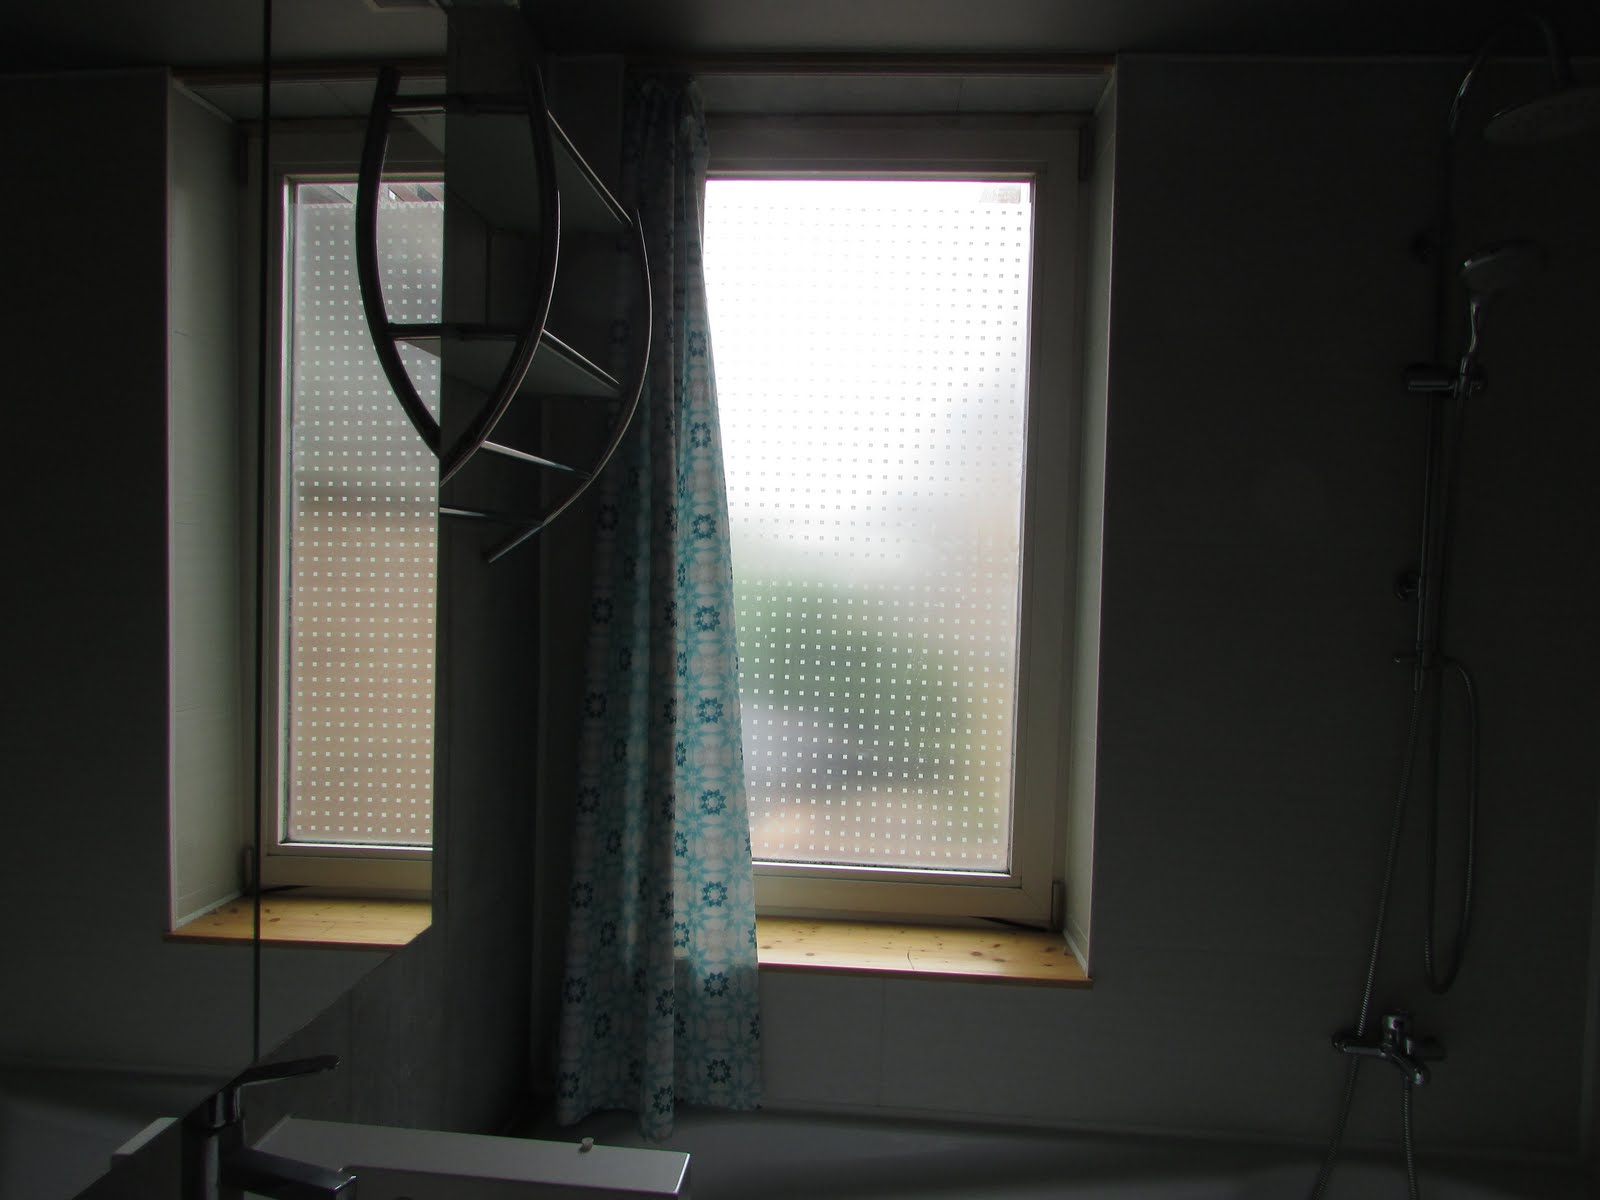 om deftig aan het raam te kunnen moest de inboedel zoals het bad in de badkamer er uit dan werd de bekleding rond het raam en een deel van het vals